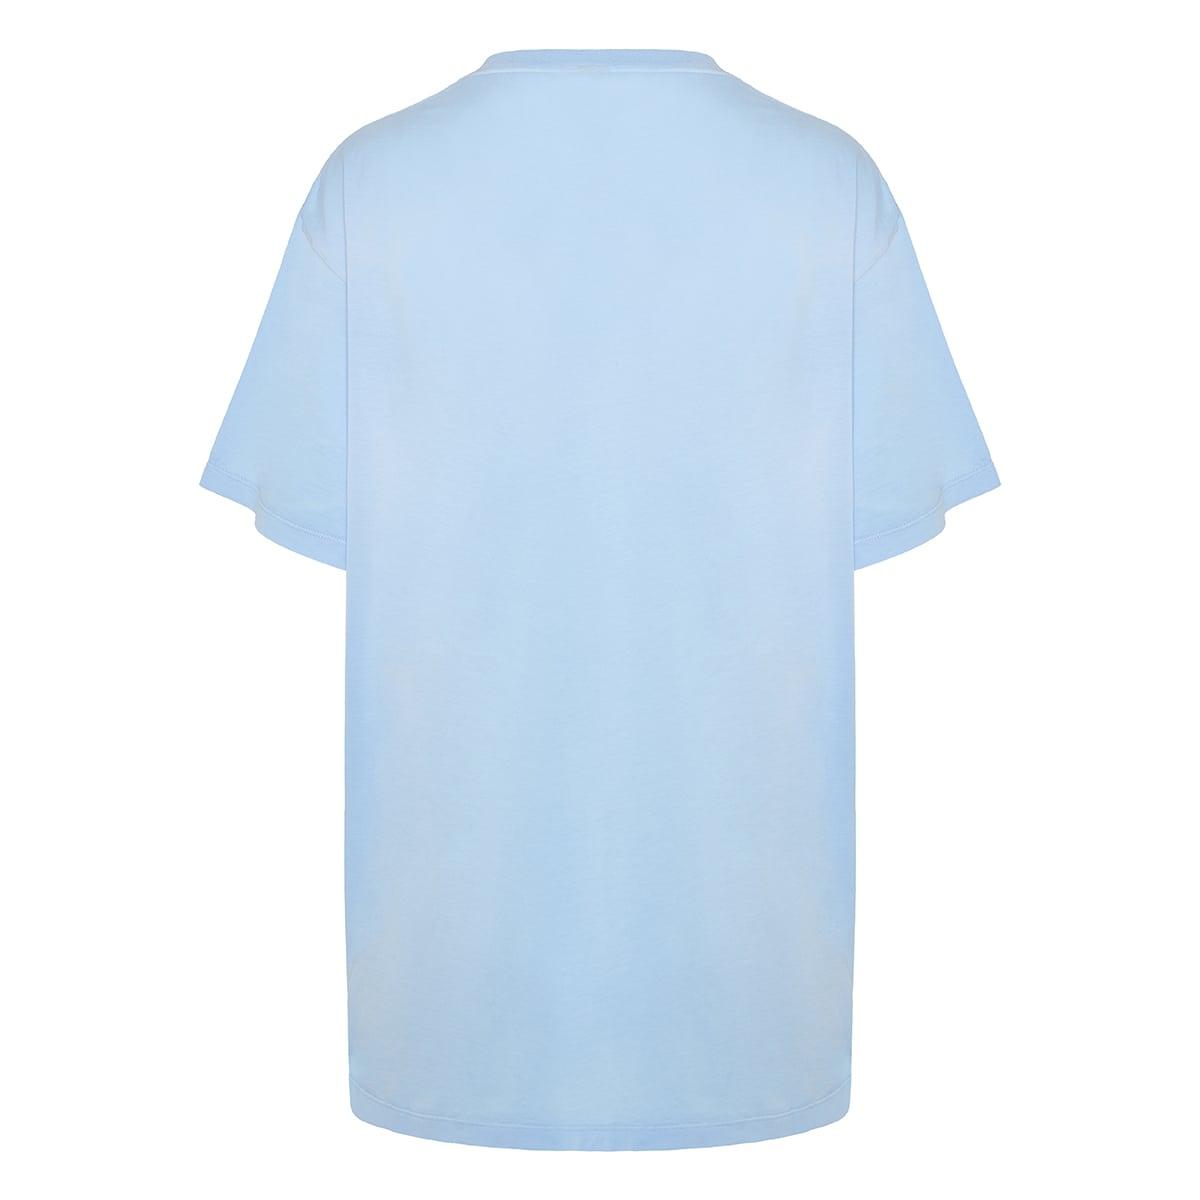 Tie-dye logo cotton t-shirt